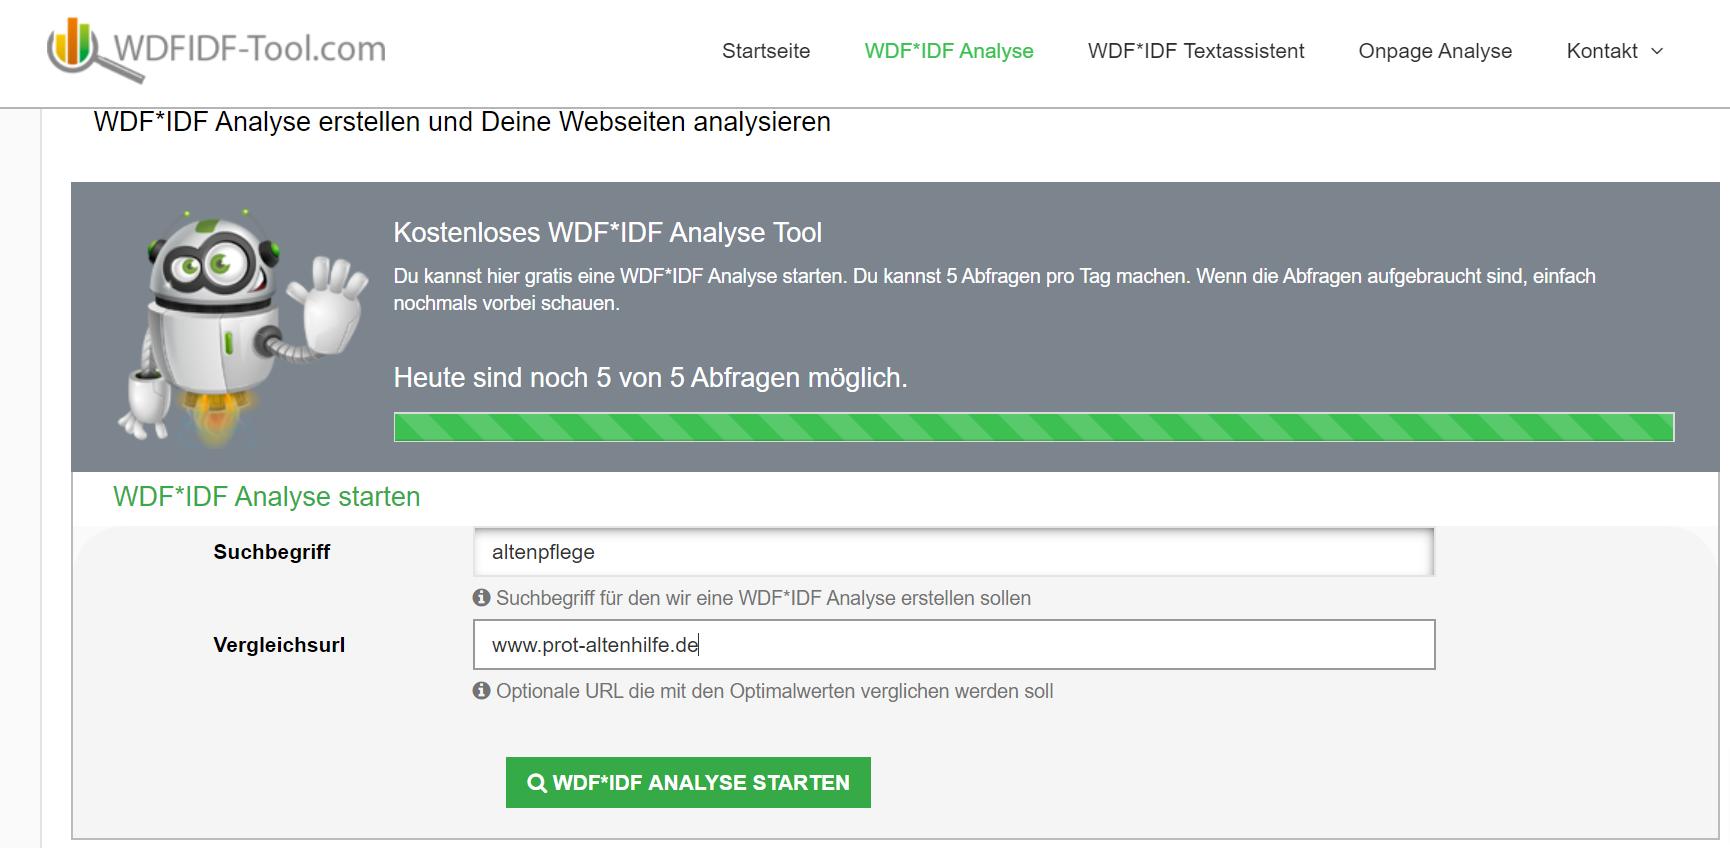 Textoptimierung mit dem WDF*IDF Tool